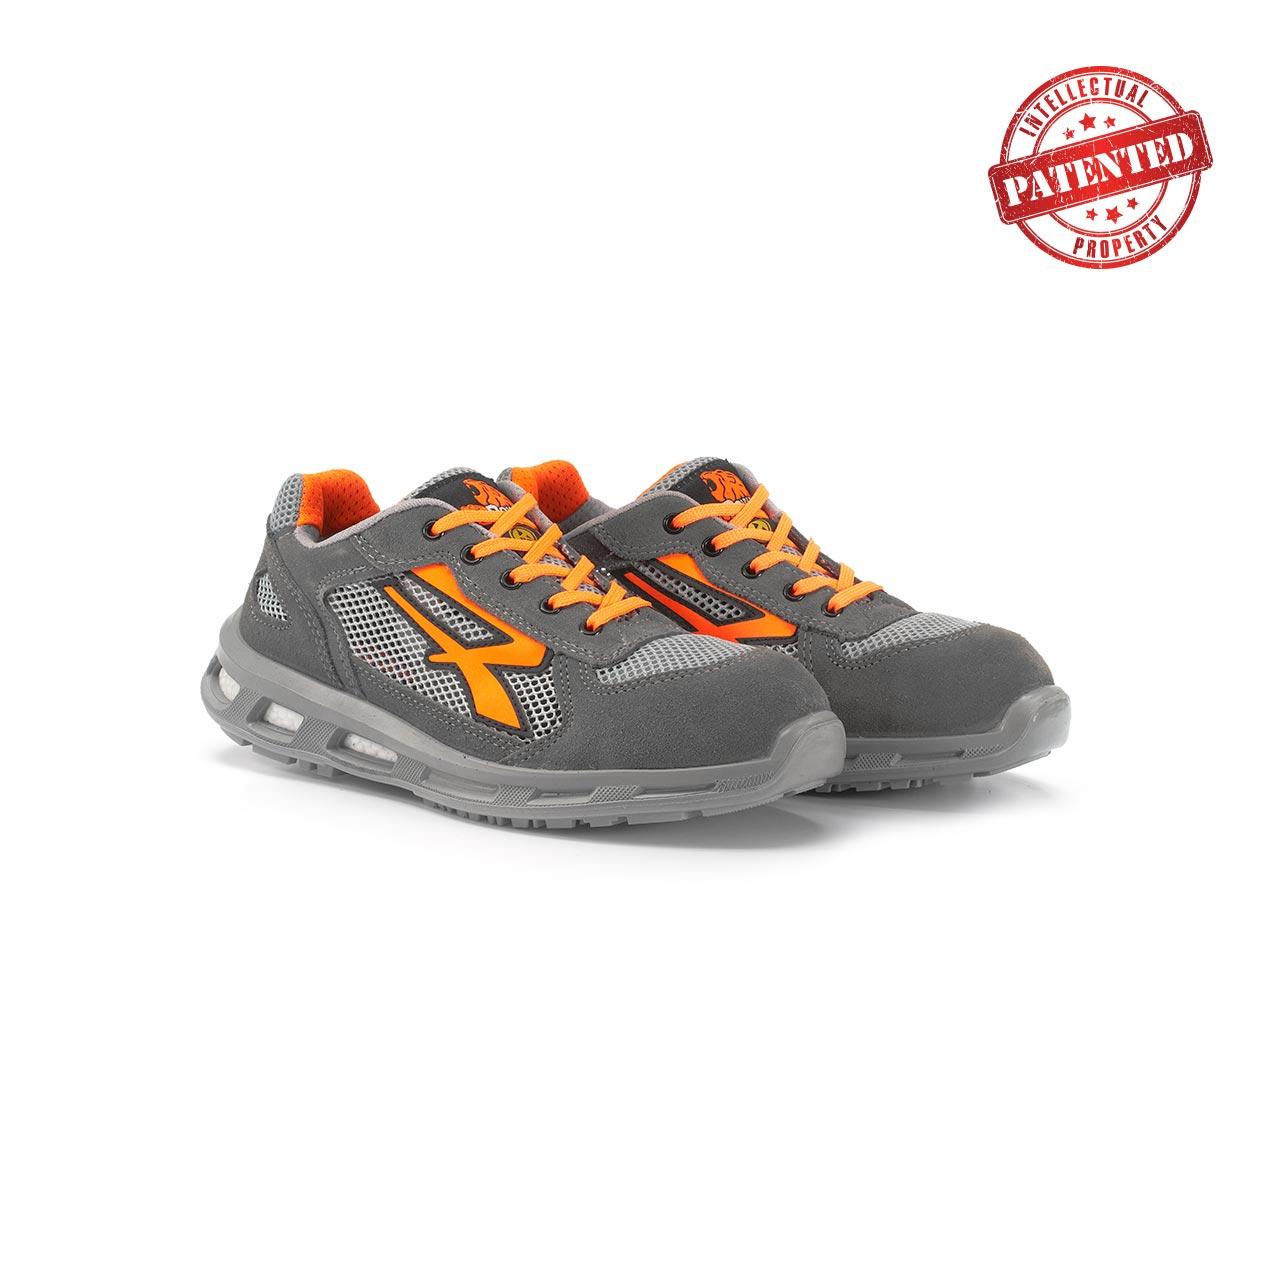 paio di scarpe antinfortunistiche upower modello ultra linea redlion vista prospettica